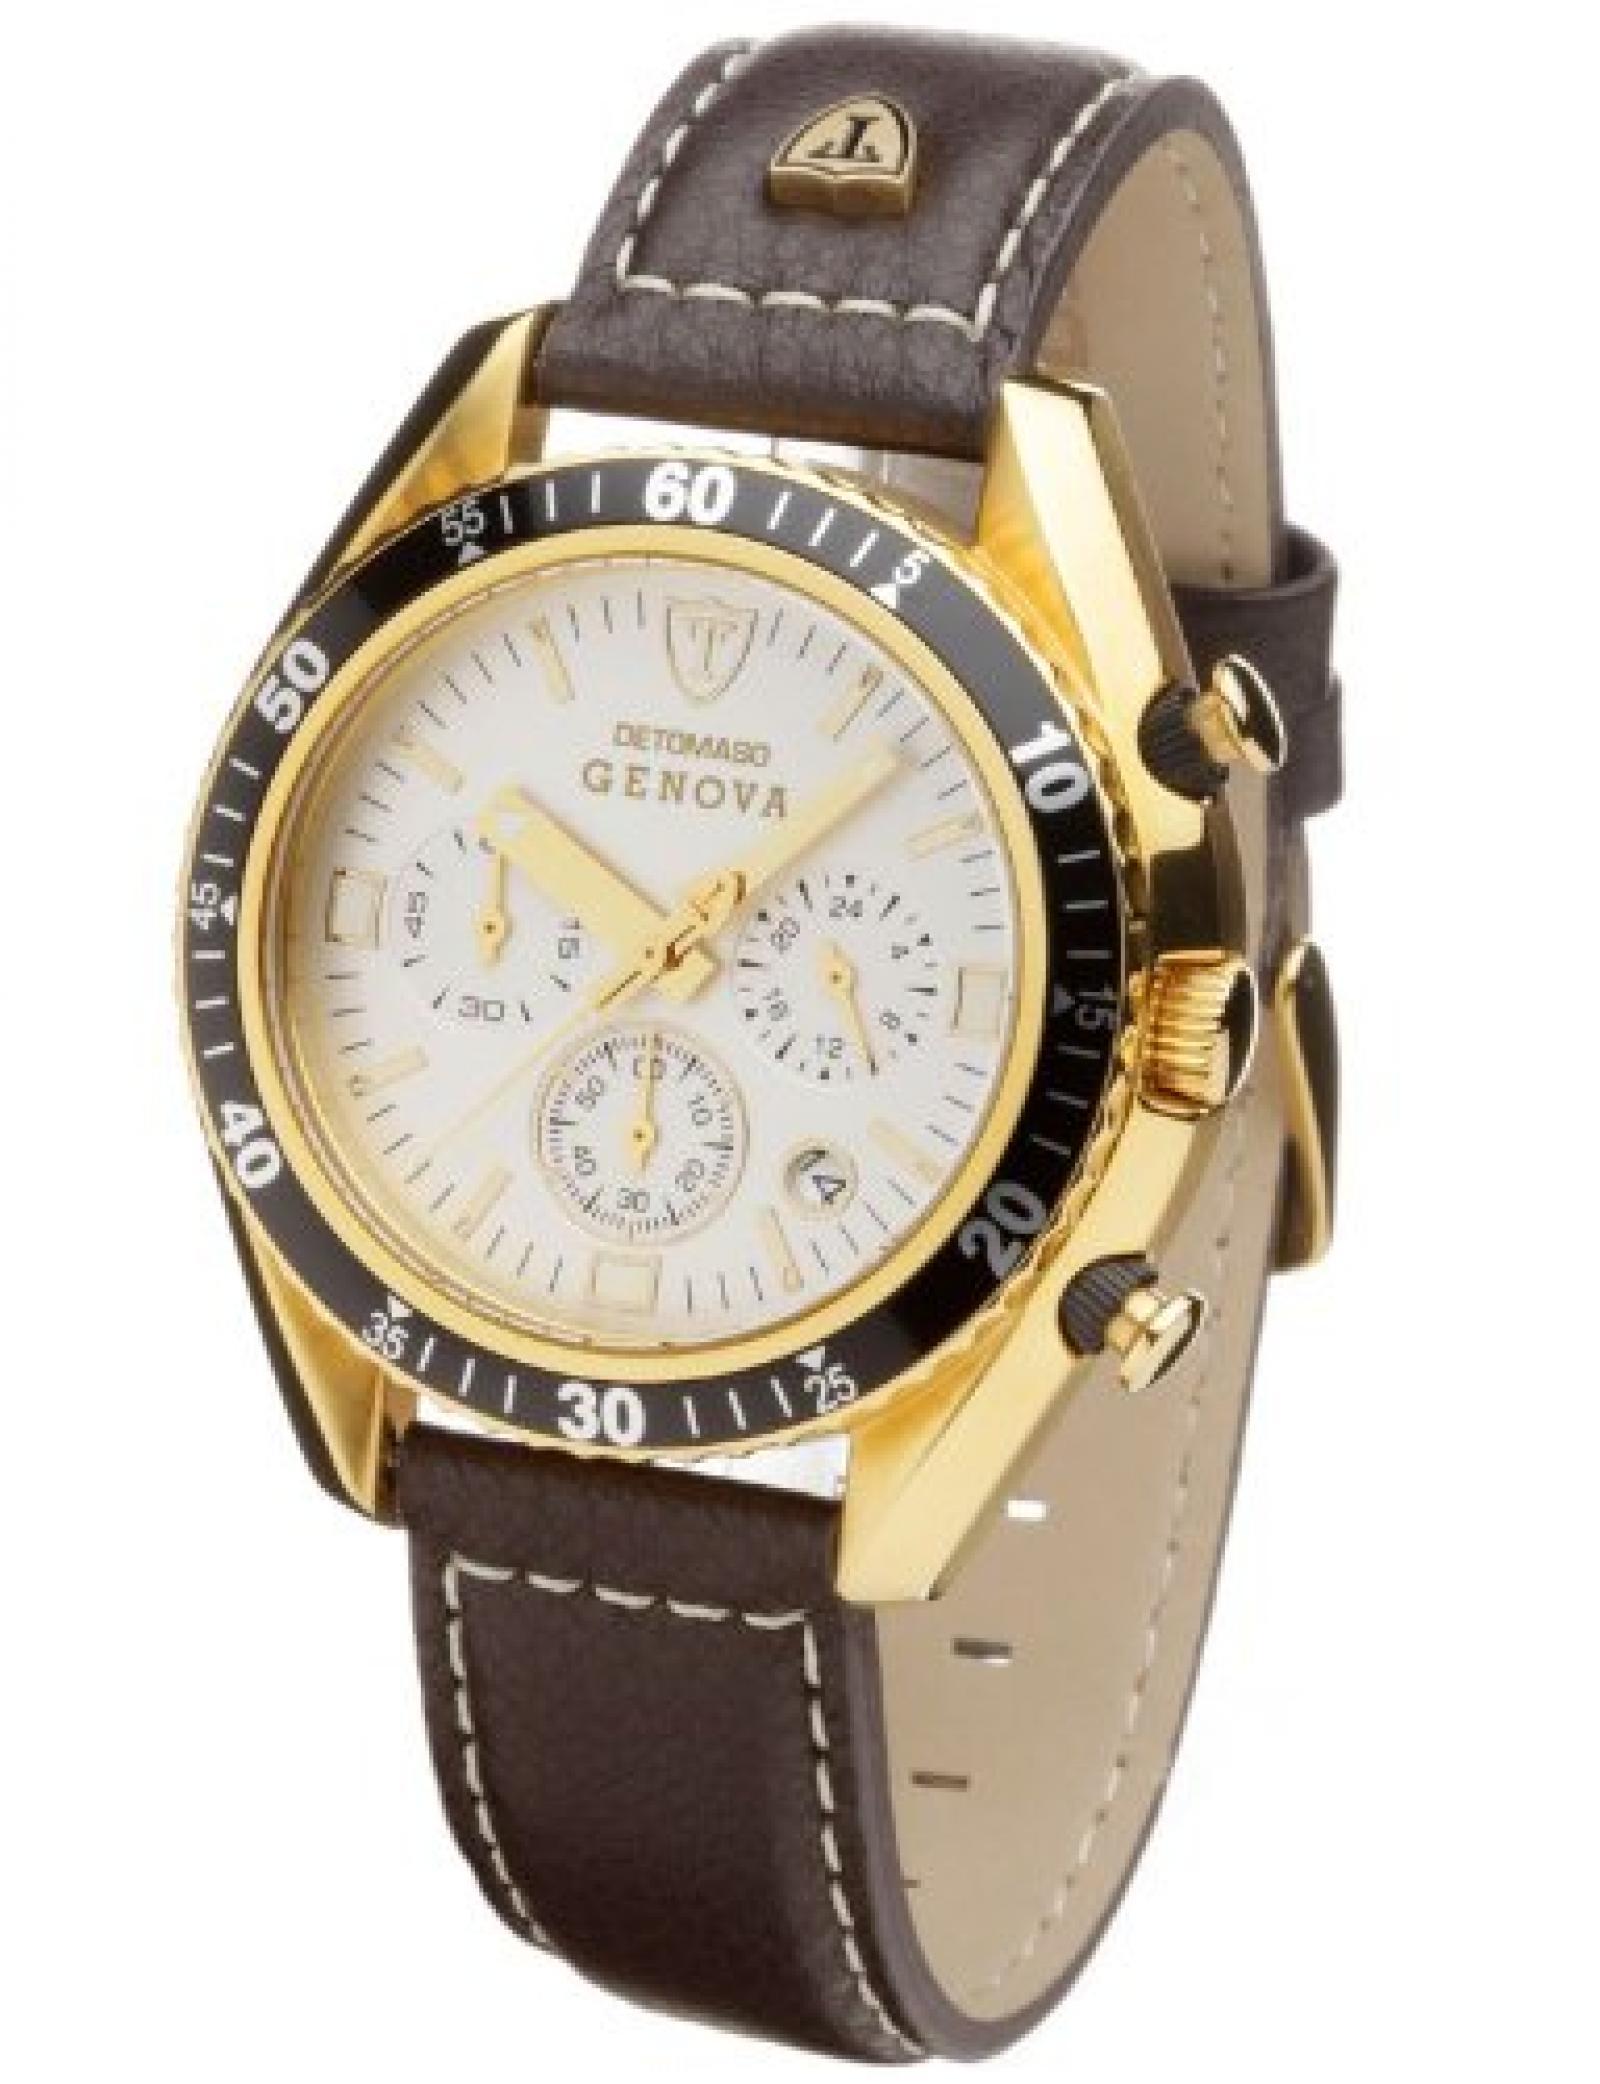 DETOMASO Herrenuhr GENOVA Chronograph vergoldet/weiß SL1592C-CH-G